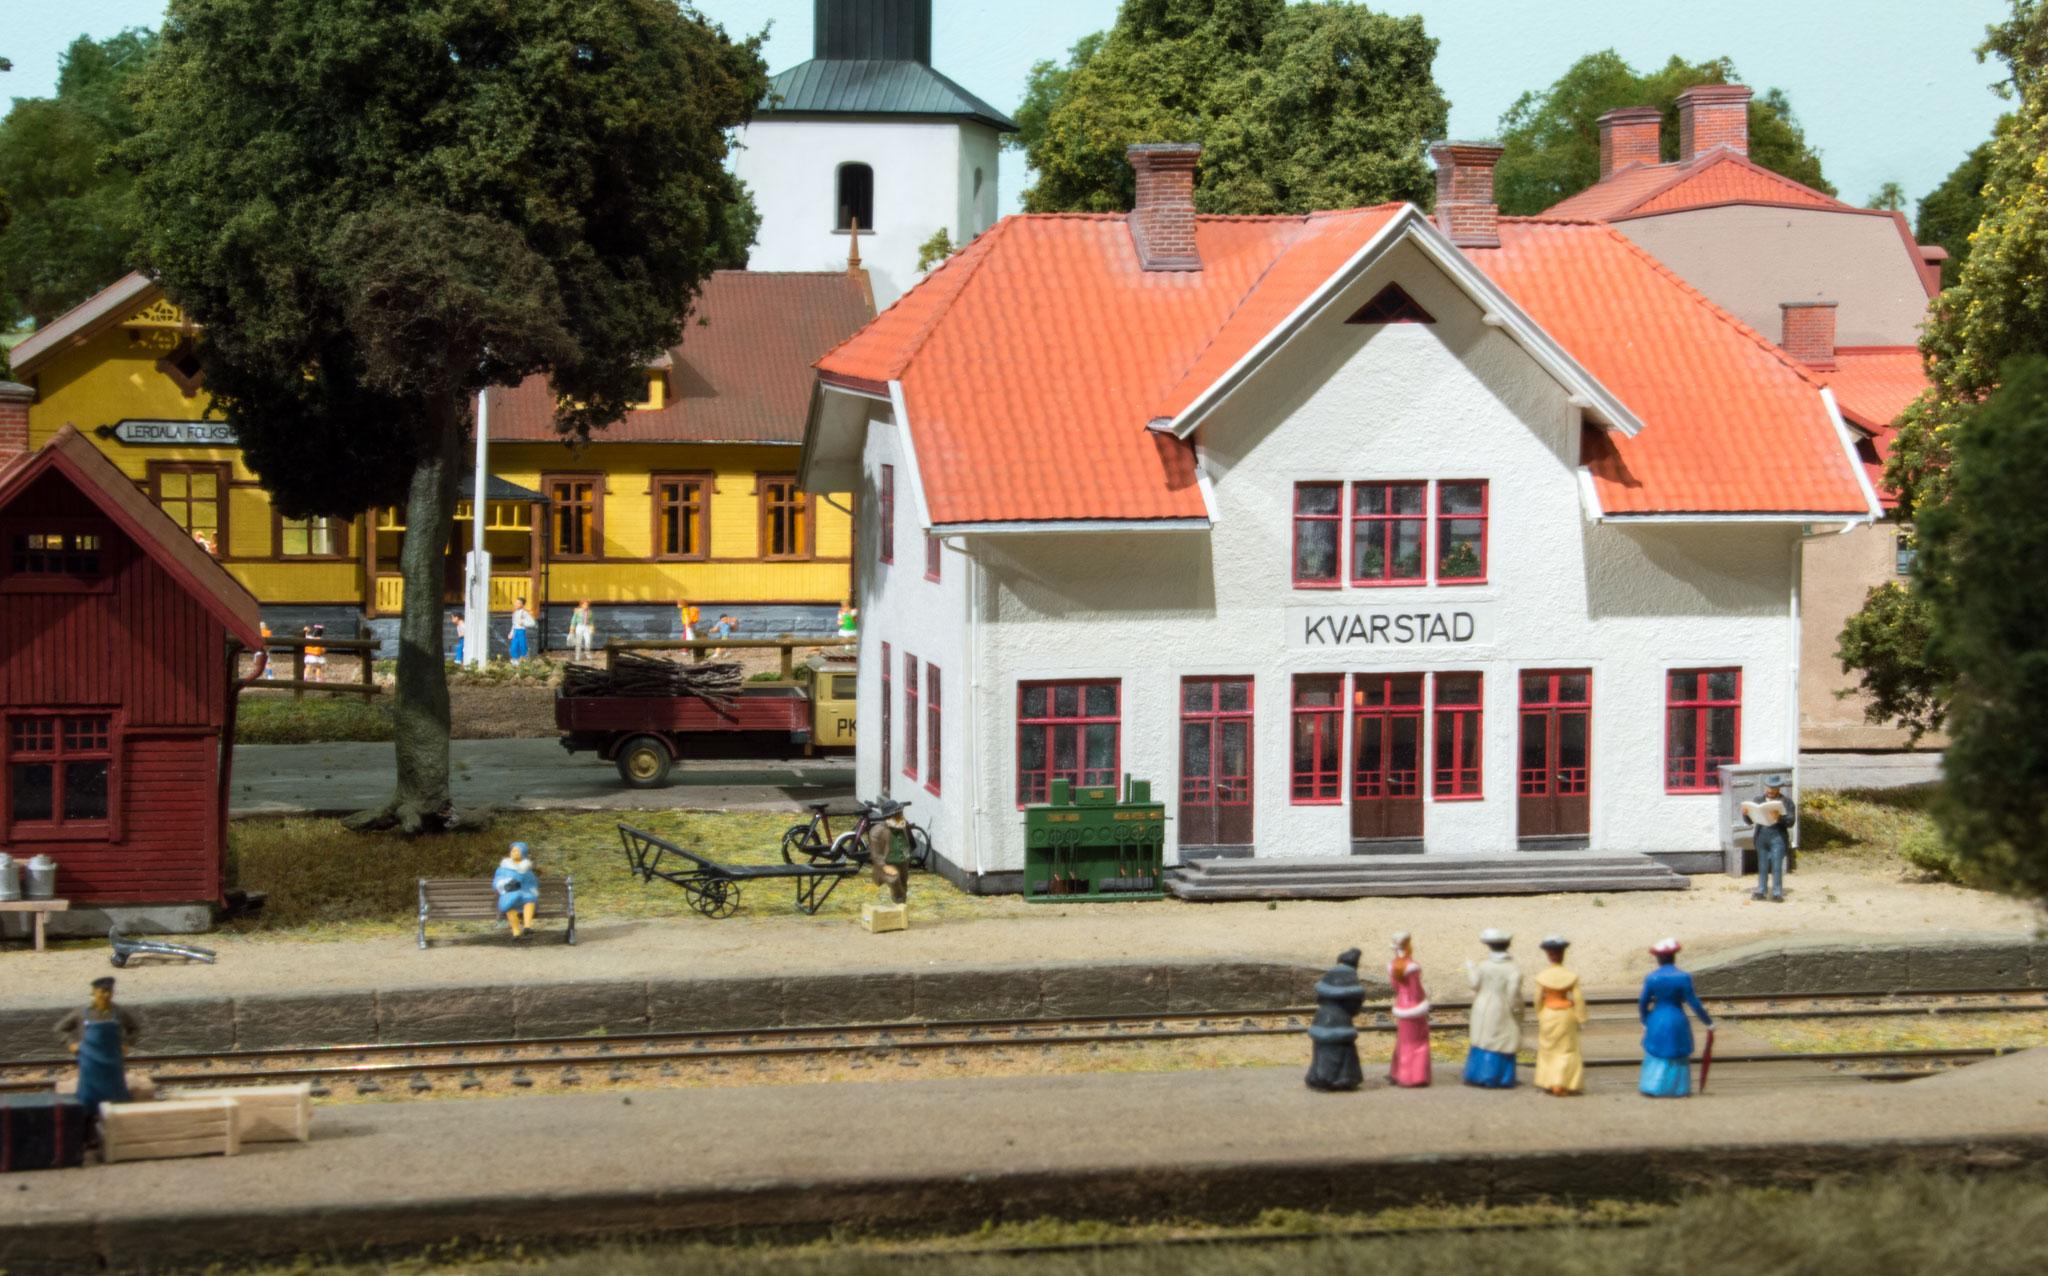 Kvarstad stationsbygning